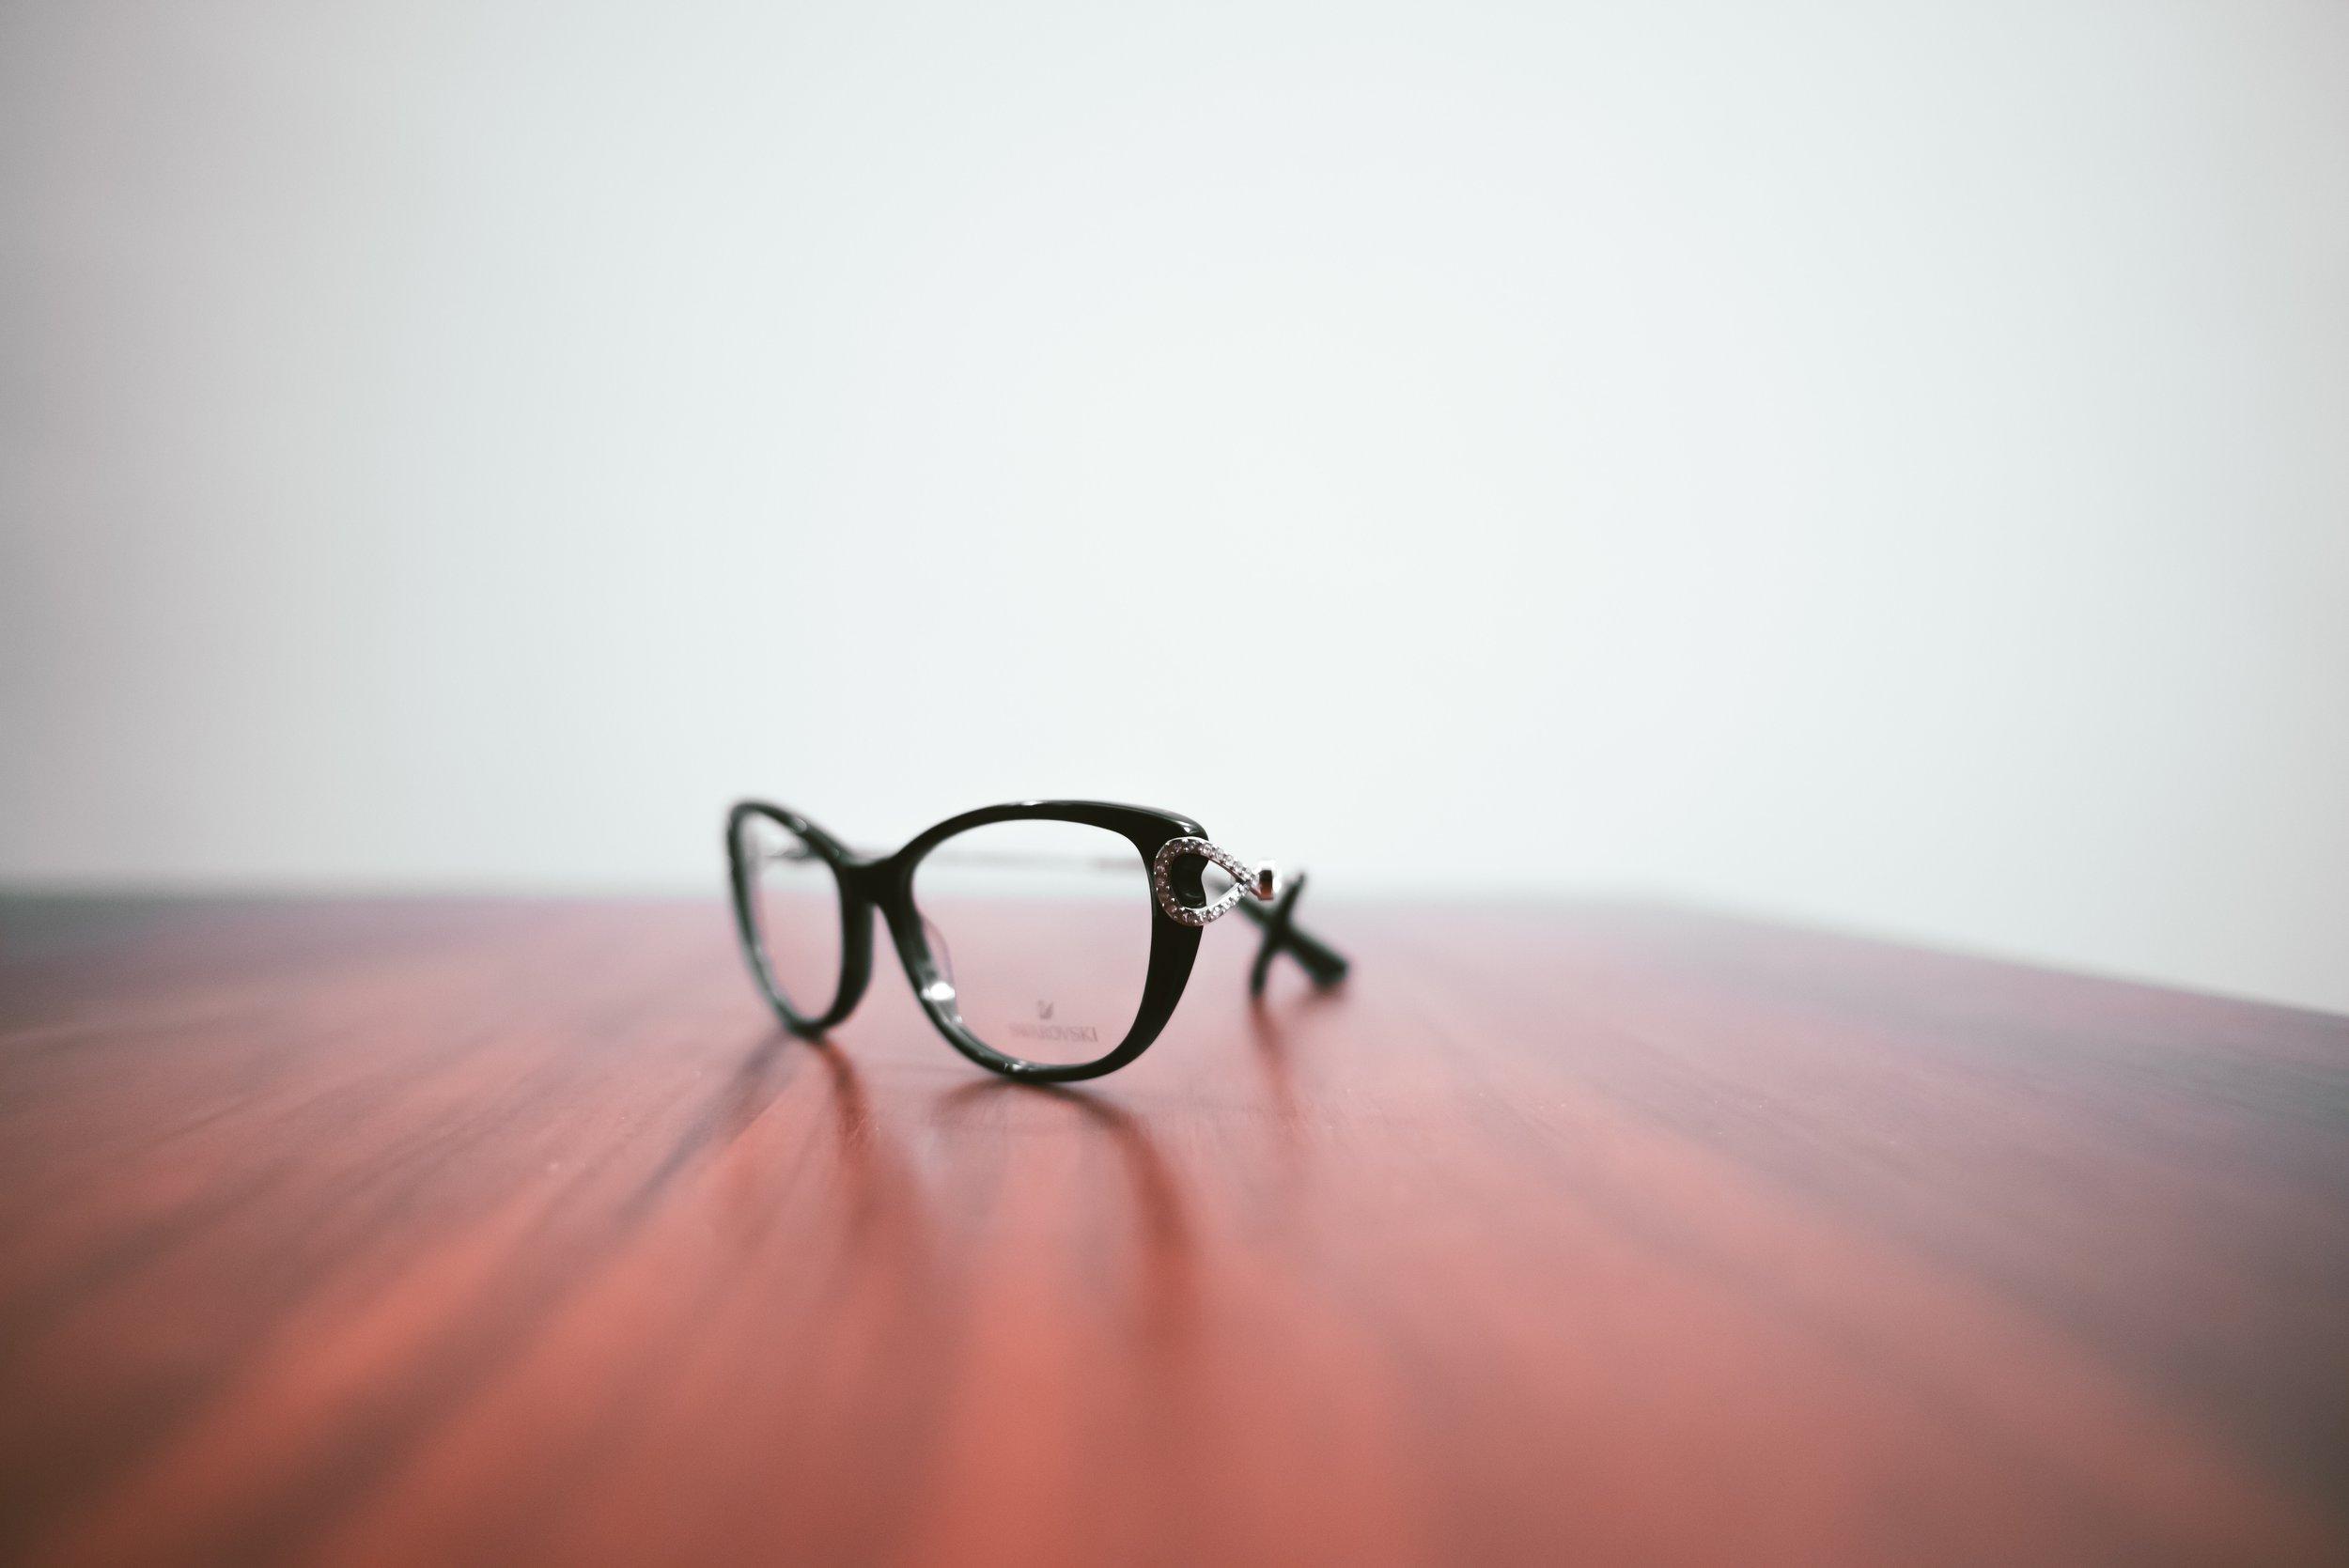 swglasses.jpeg